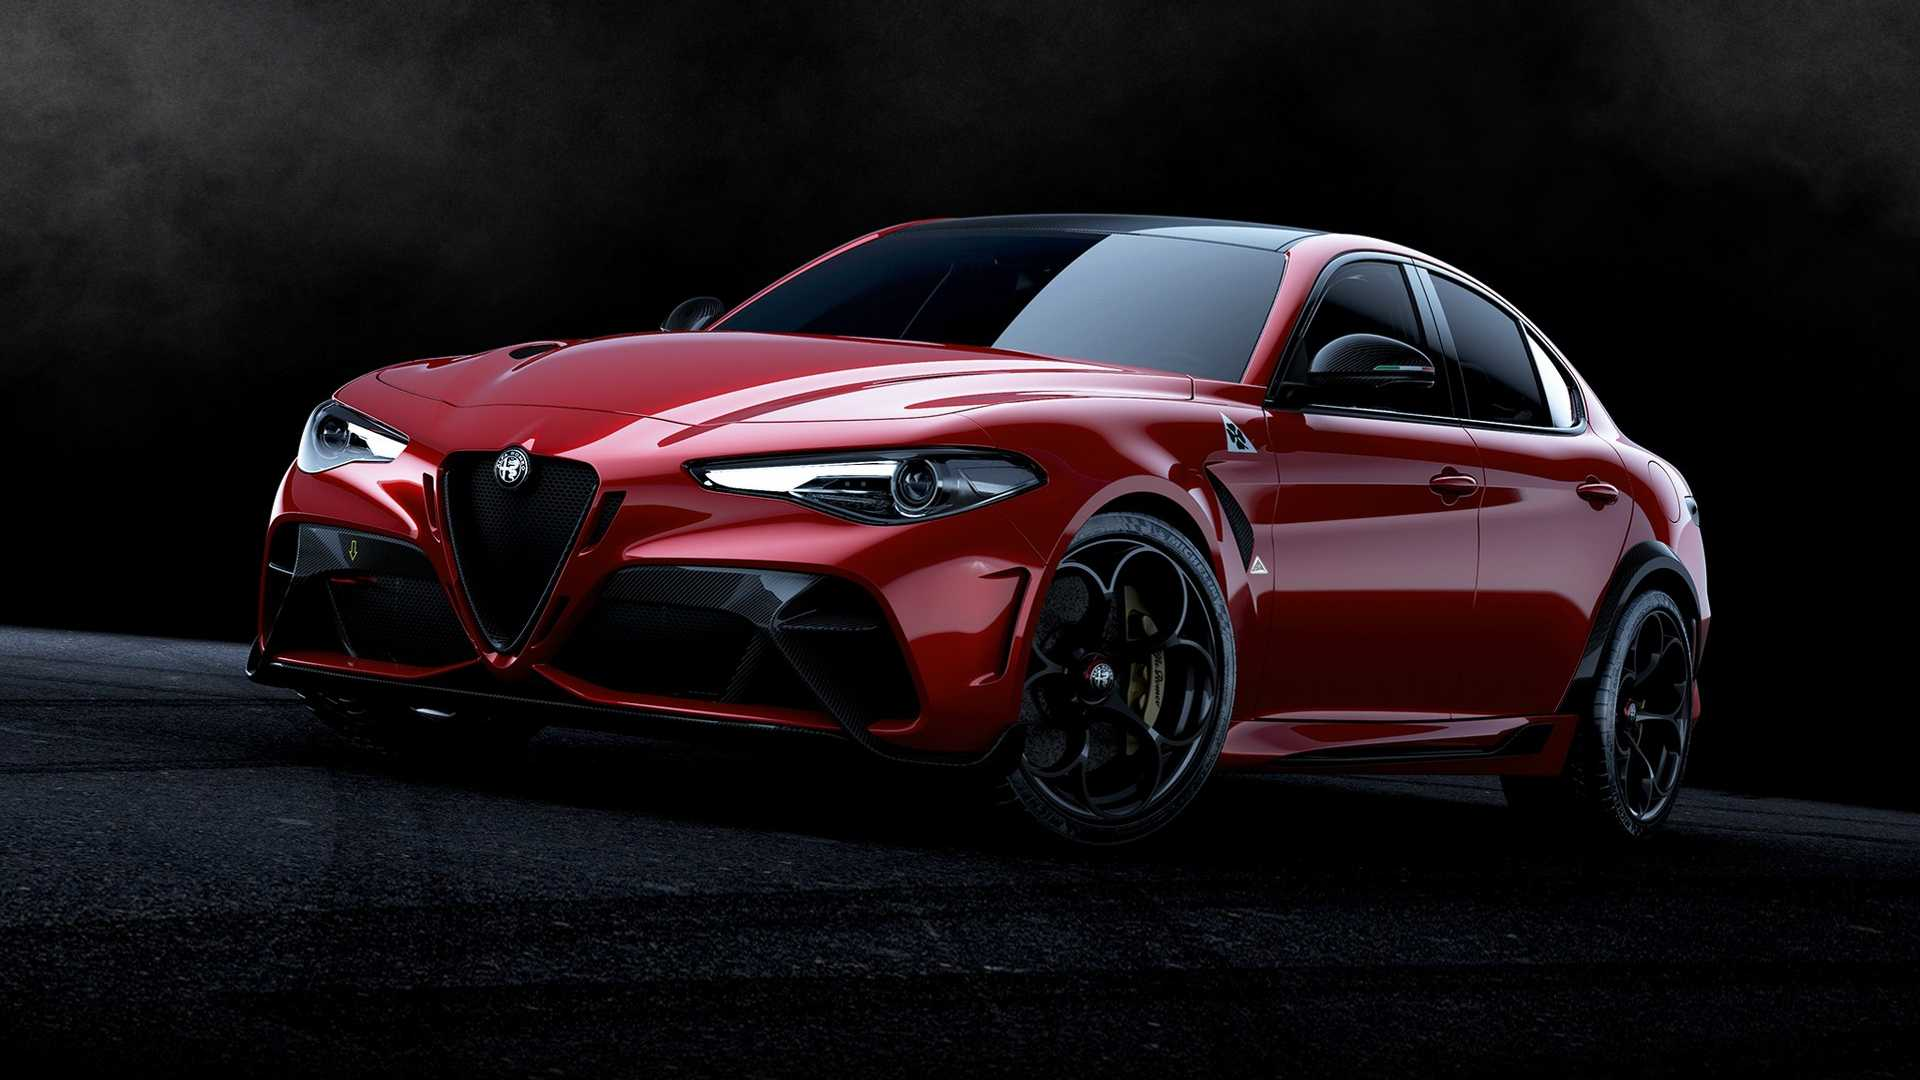 Legenda faktycznie powróciła. Oto Alfa Romeo Giulia GTA i GTAm